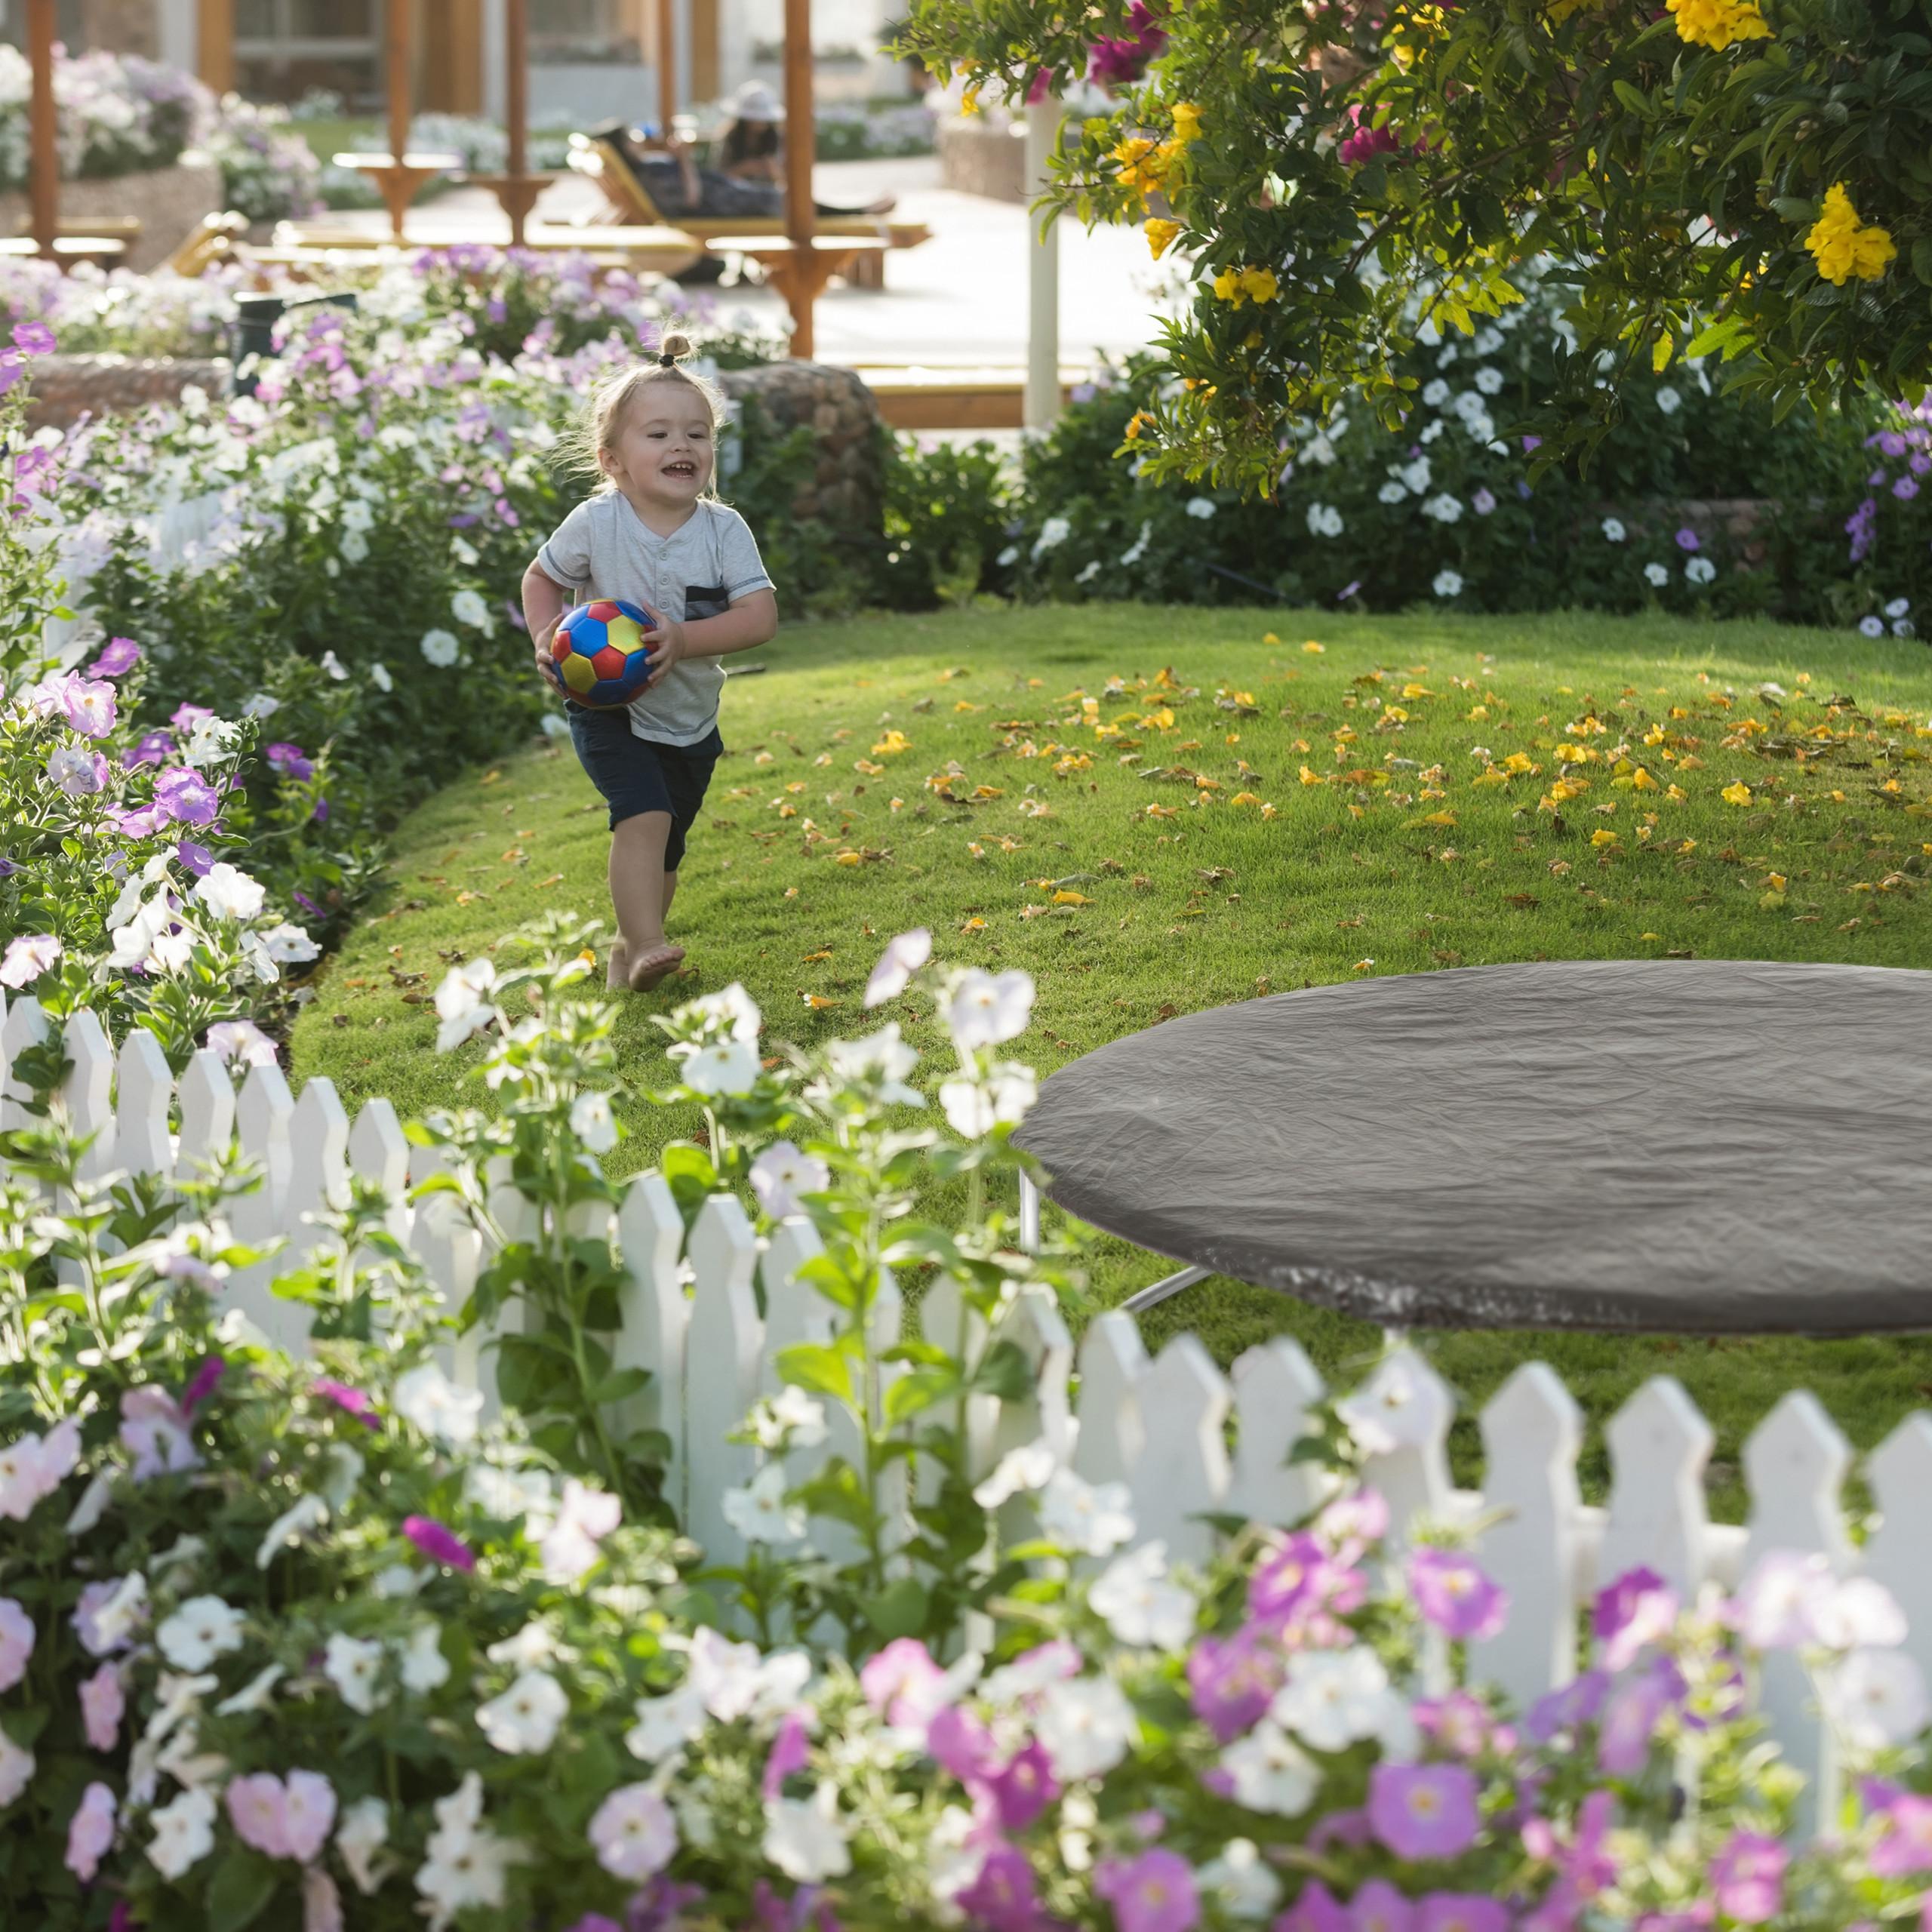 Housse-de-Protection-pour-Trampoline-Bache-pluie-vent-jardin-intemperies miniature 25